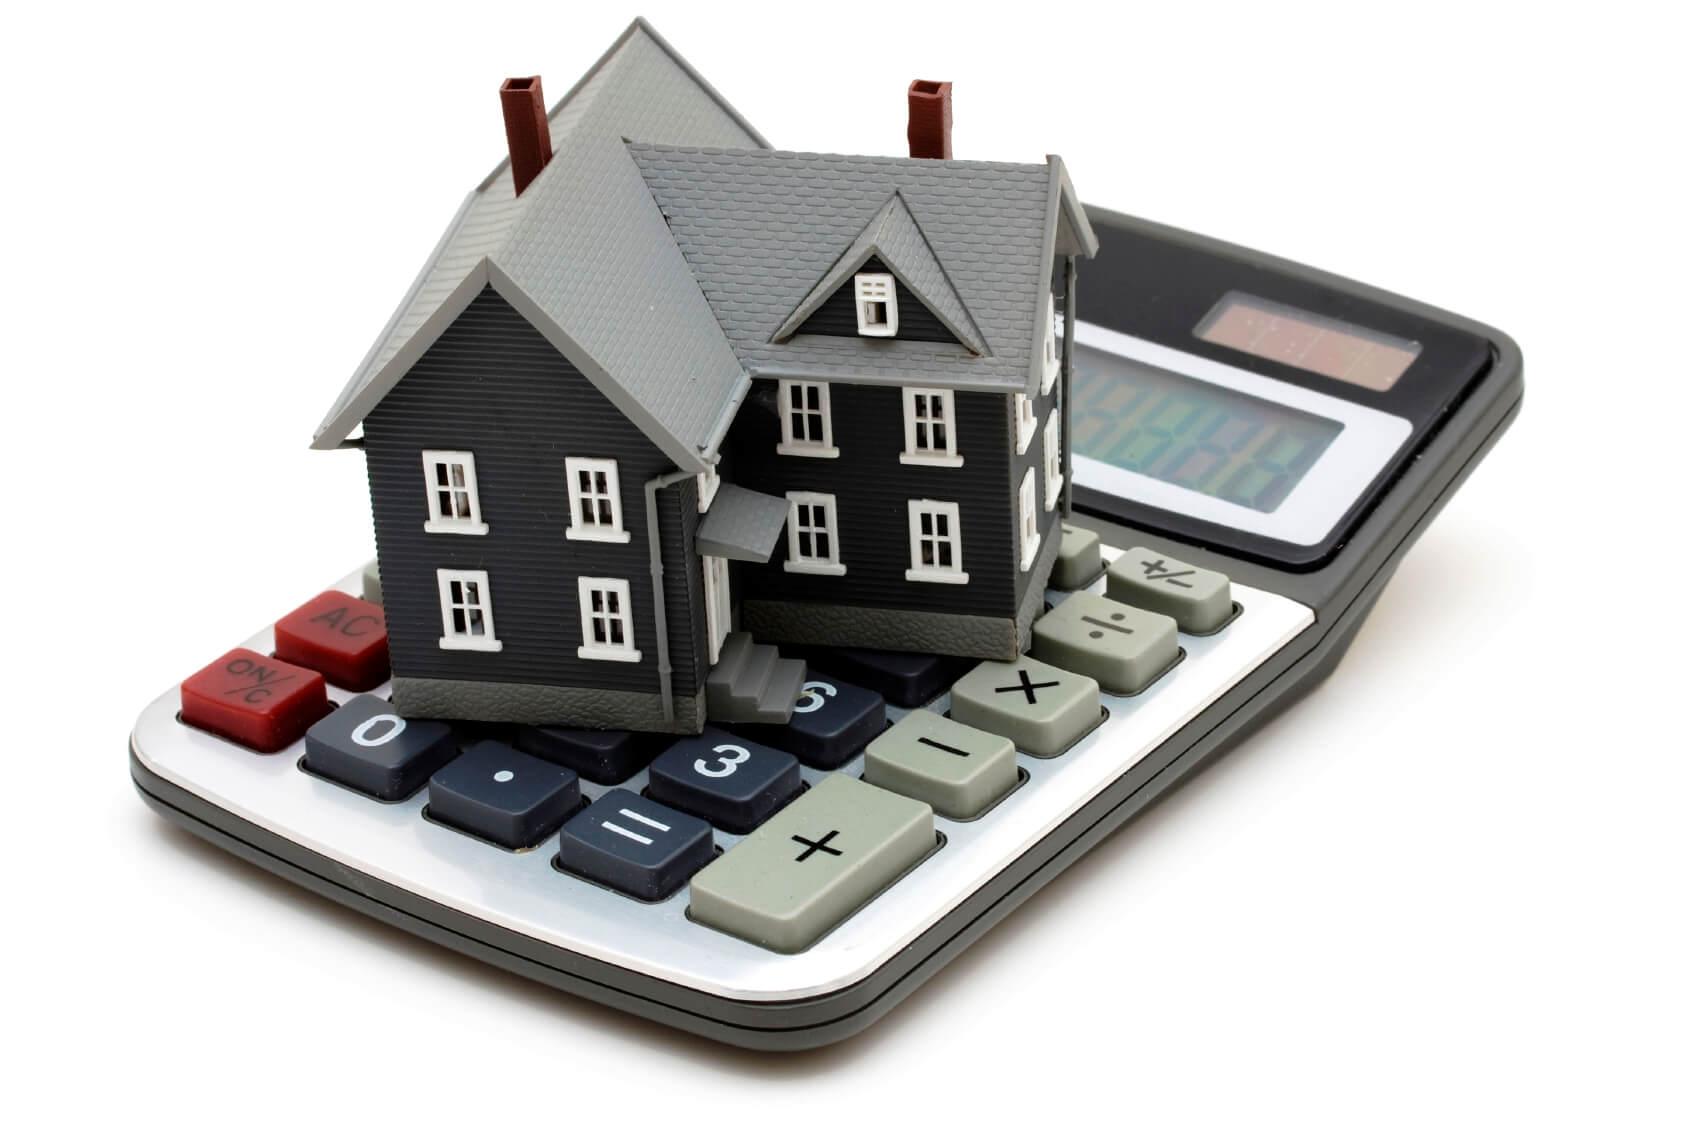 покупка квартиры в ипотеку купить квартиру Вологде